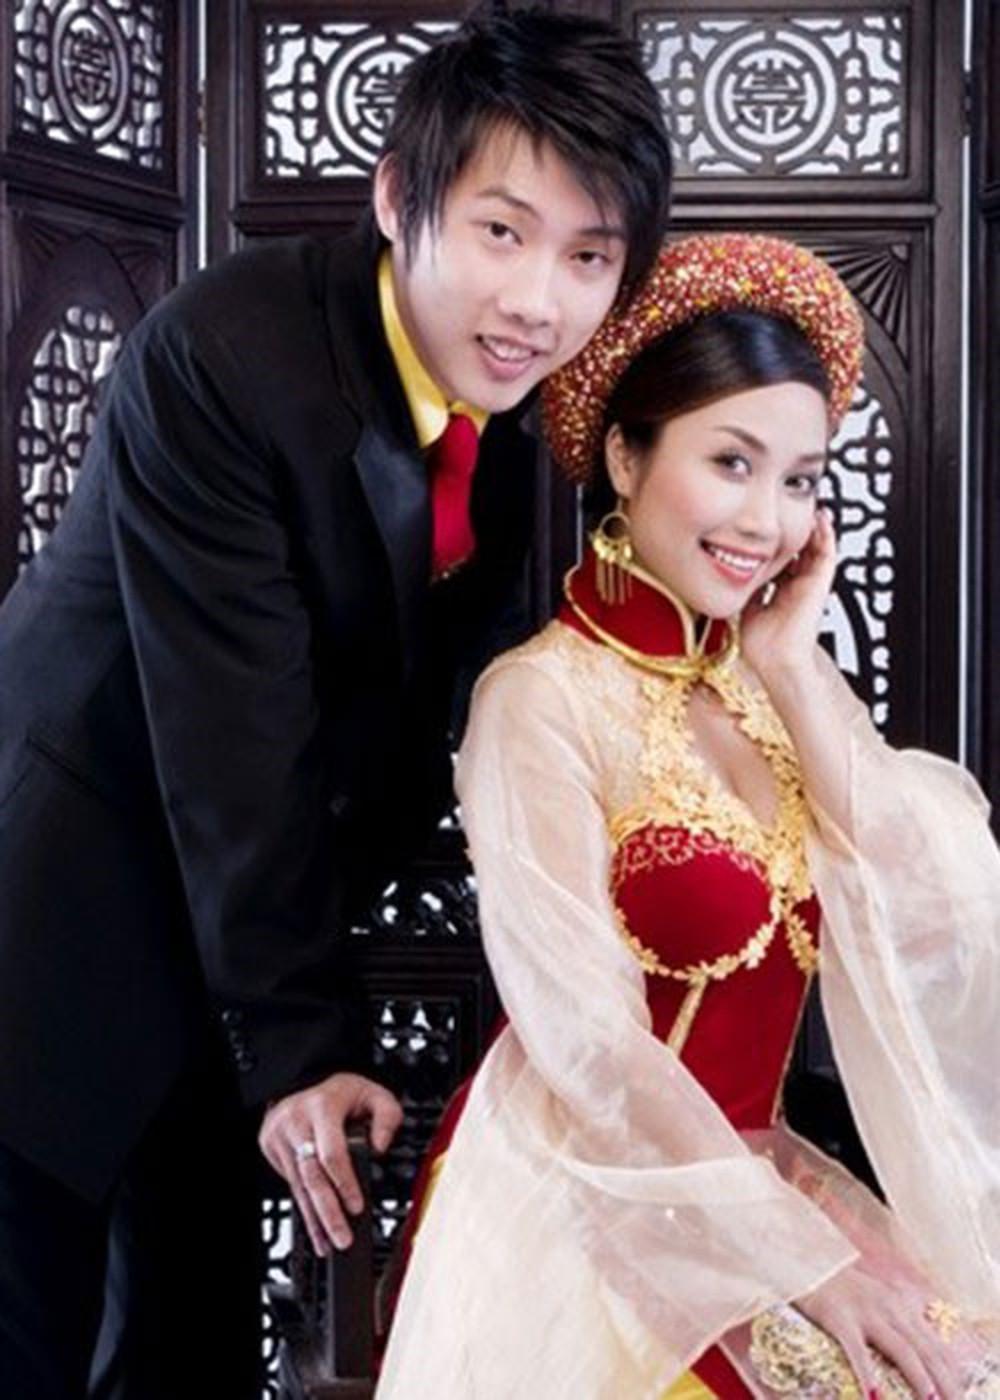 """Ngoài Đông Nhi - Ông Cao Thắng, showbiz vẫn còn nhiều cặp đôi """"yêu càng lâu càng đậm sâu"""" khiến dân tình ngưỡng mộ - Ảnh 12"""